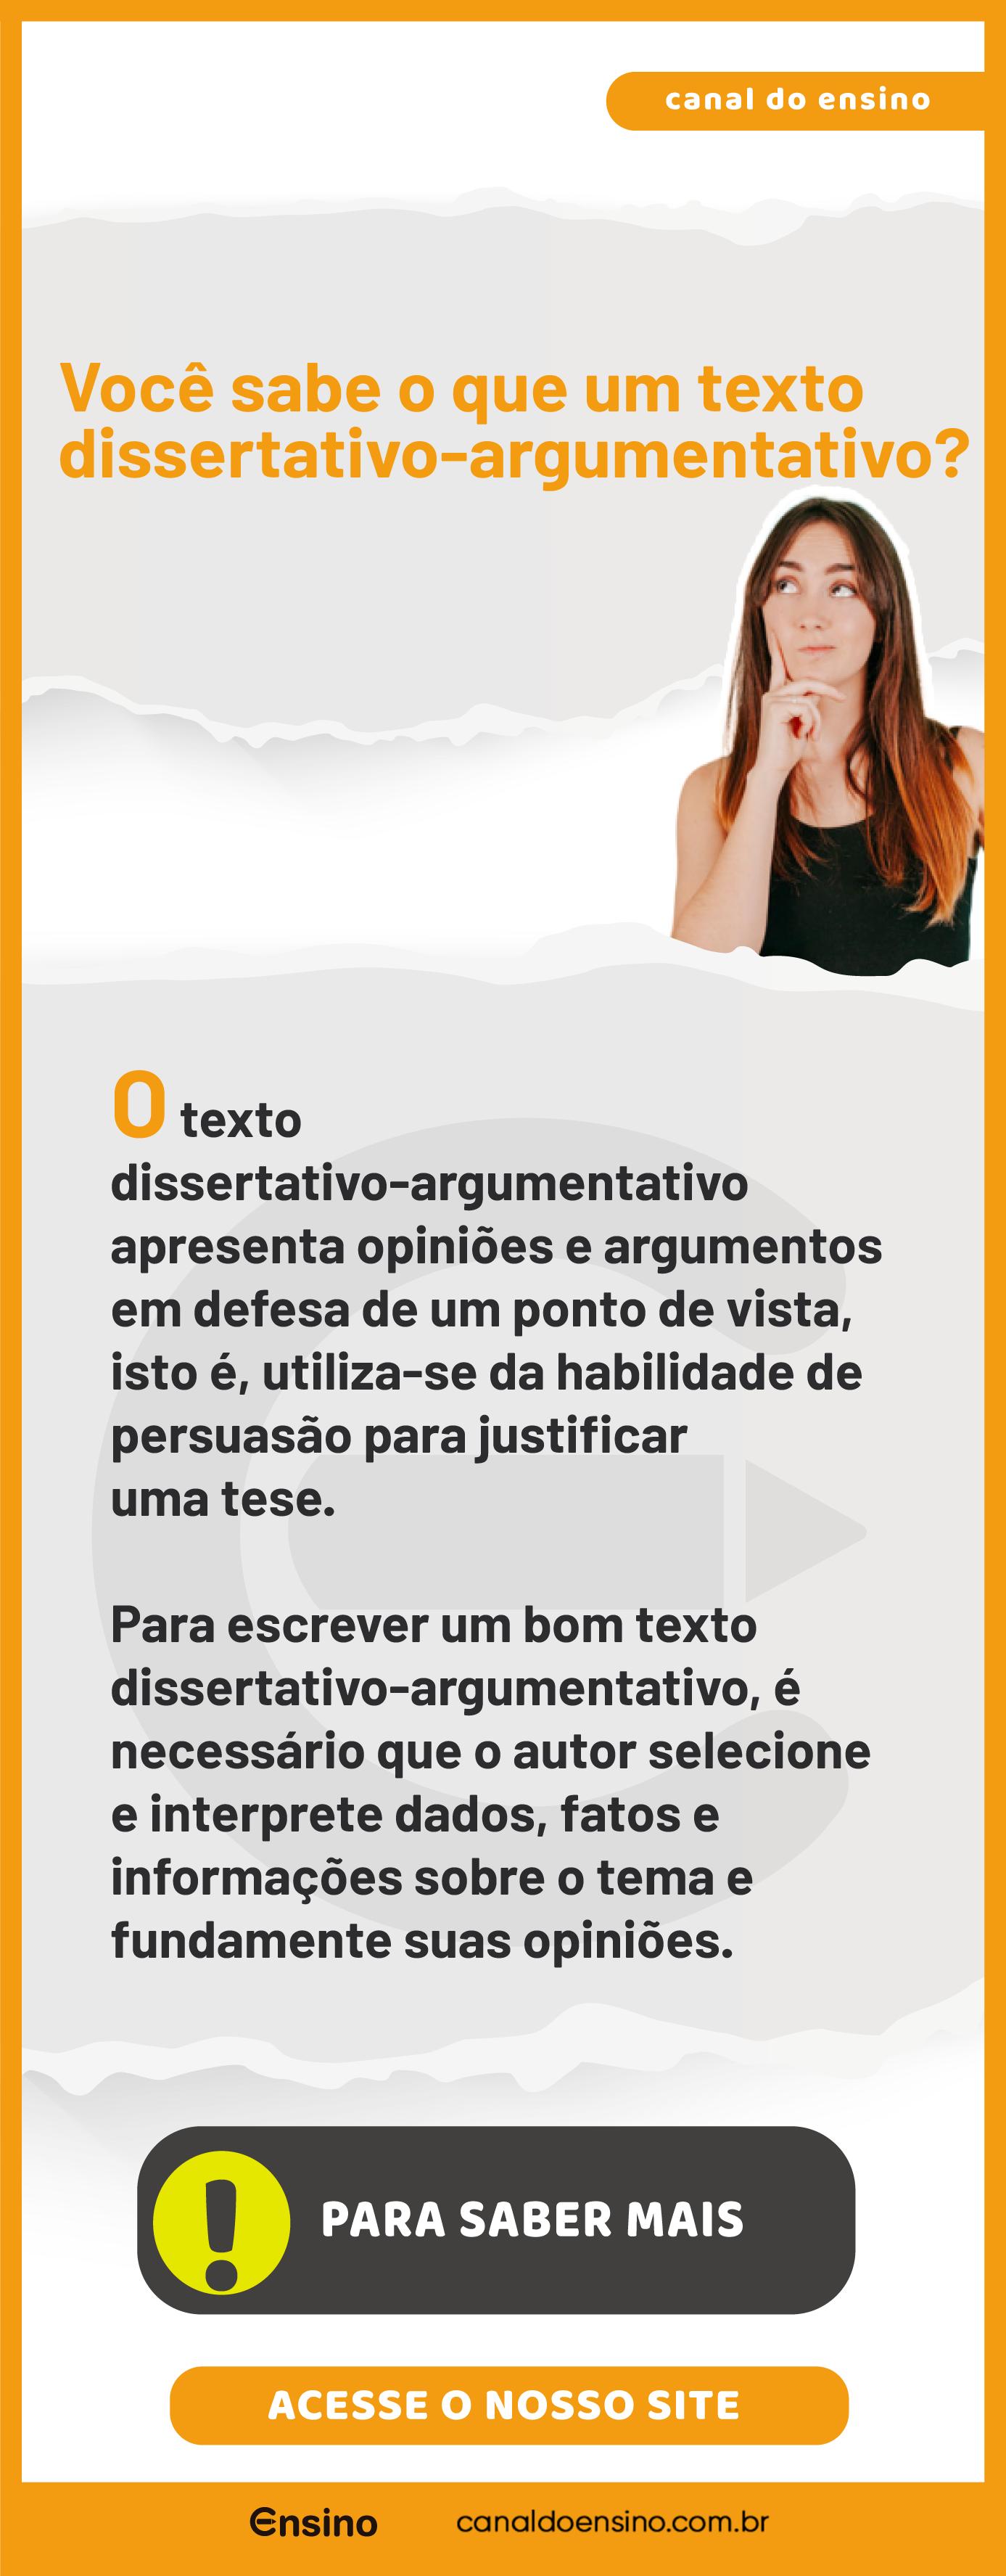 Como Fazer Um Texto Dissertativo Argumentativo Textos Dissertativos Texto Dissertativo Argumentativo Textos